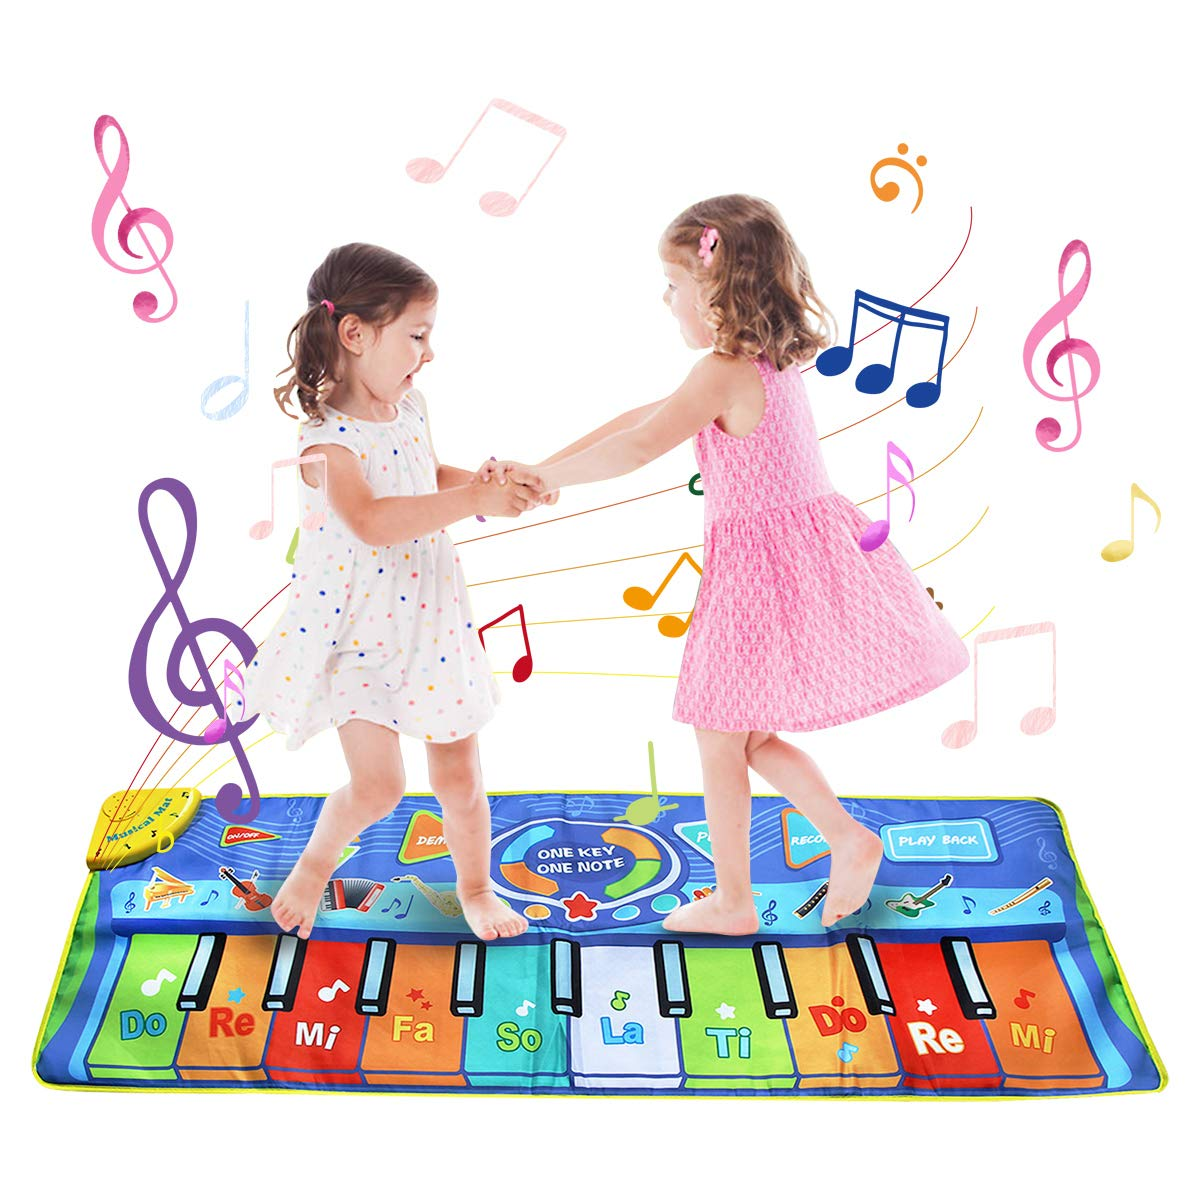 BelleStyle Alfombra de Piano, 130 * 48 cm Grande Alfombra Musical para Niños, Tapete Musical Toque Jugar Teclado de Piano Manta Musical Educativo Juguete para Bebé Niños Pequeños – Azul